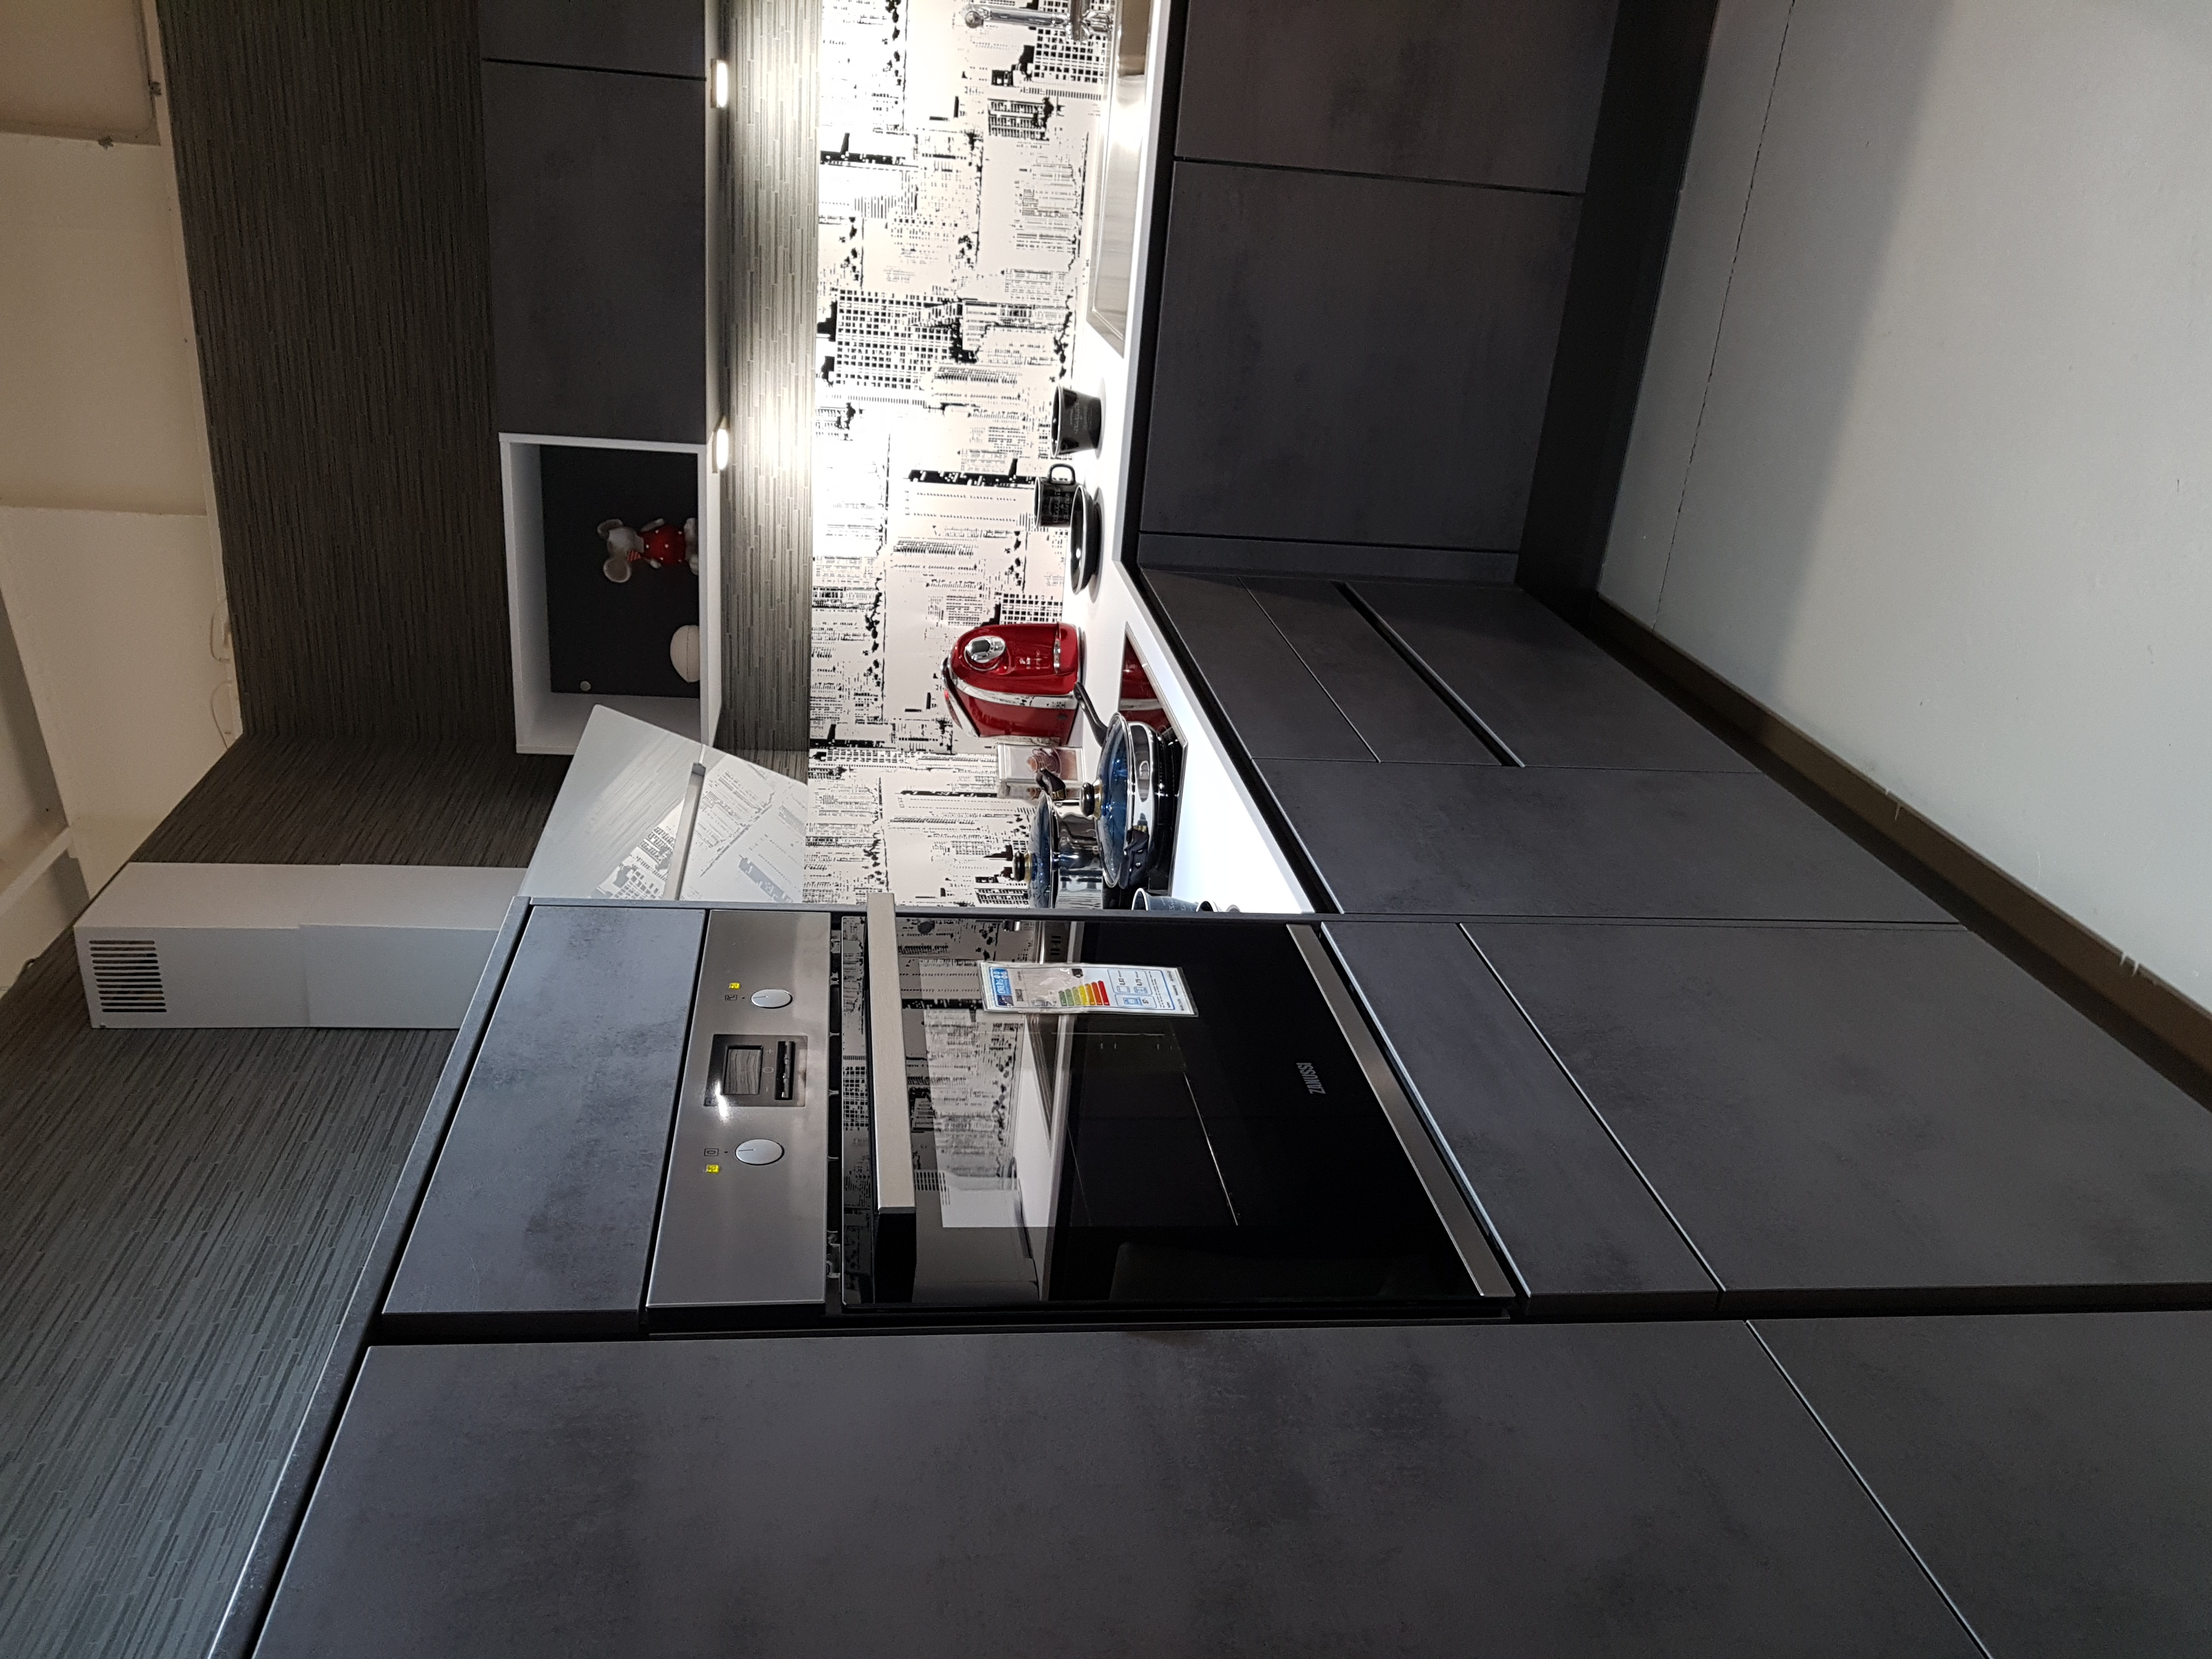 Küchen Aktuell Krefeld öffnungszeiten